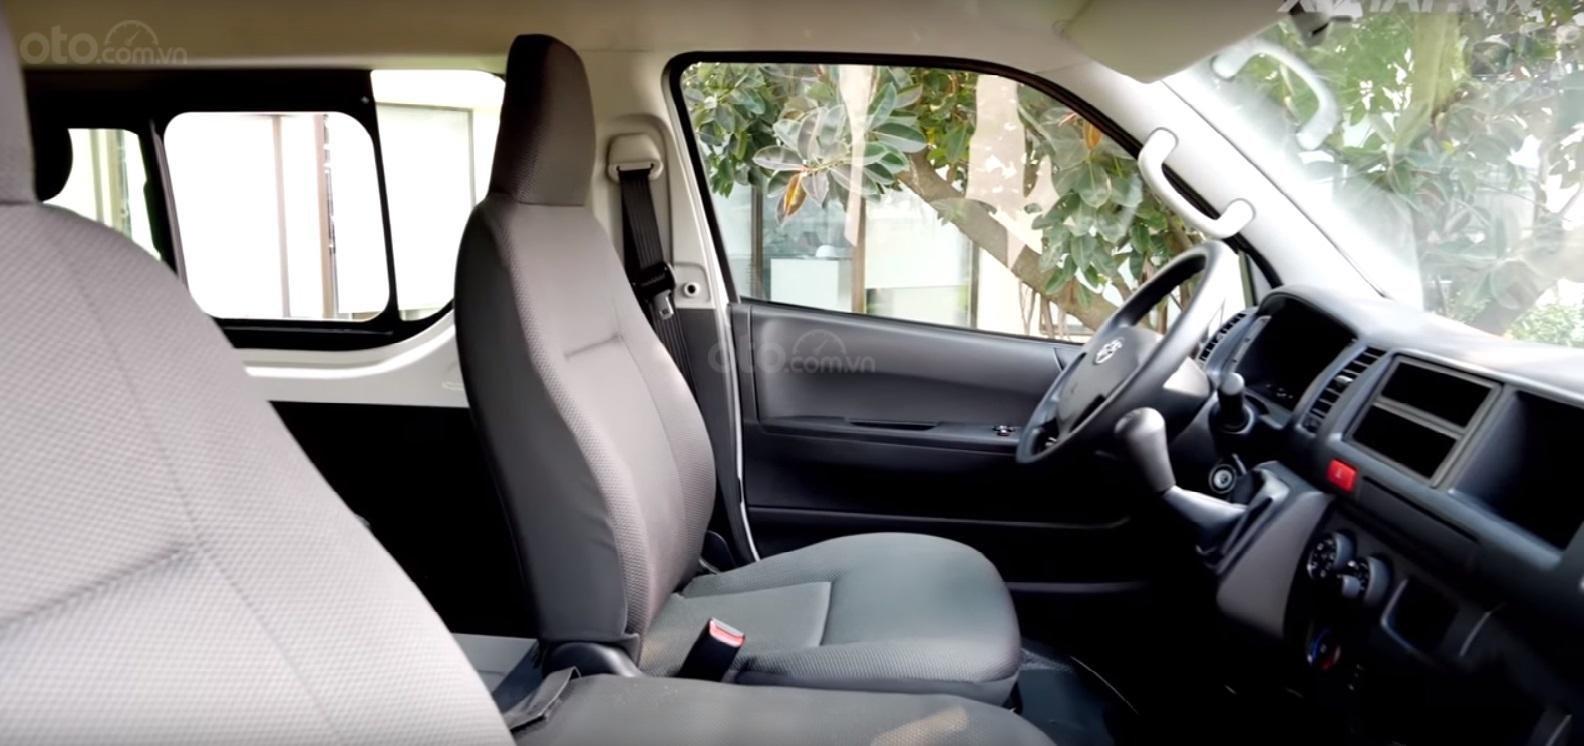 Đánh giá xe Toyota Hiace 2019 12